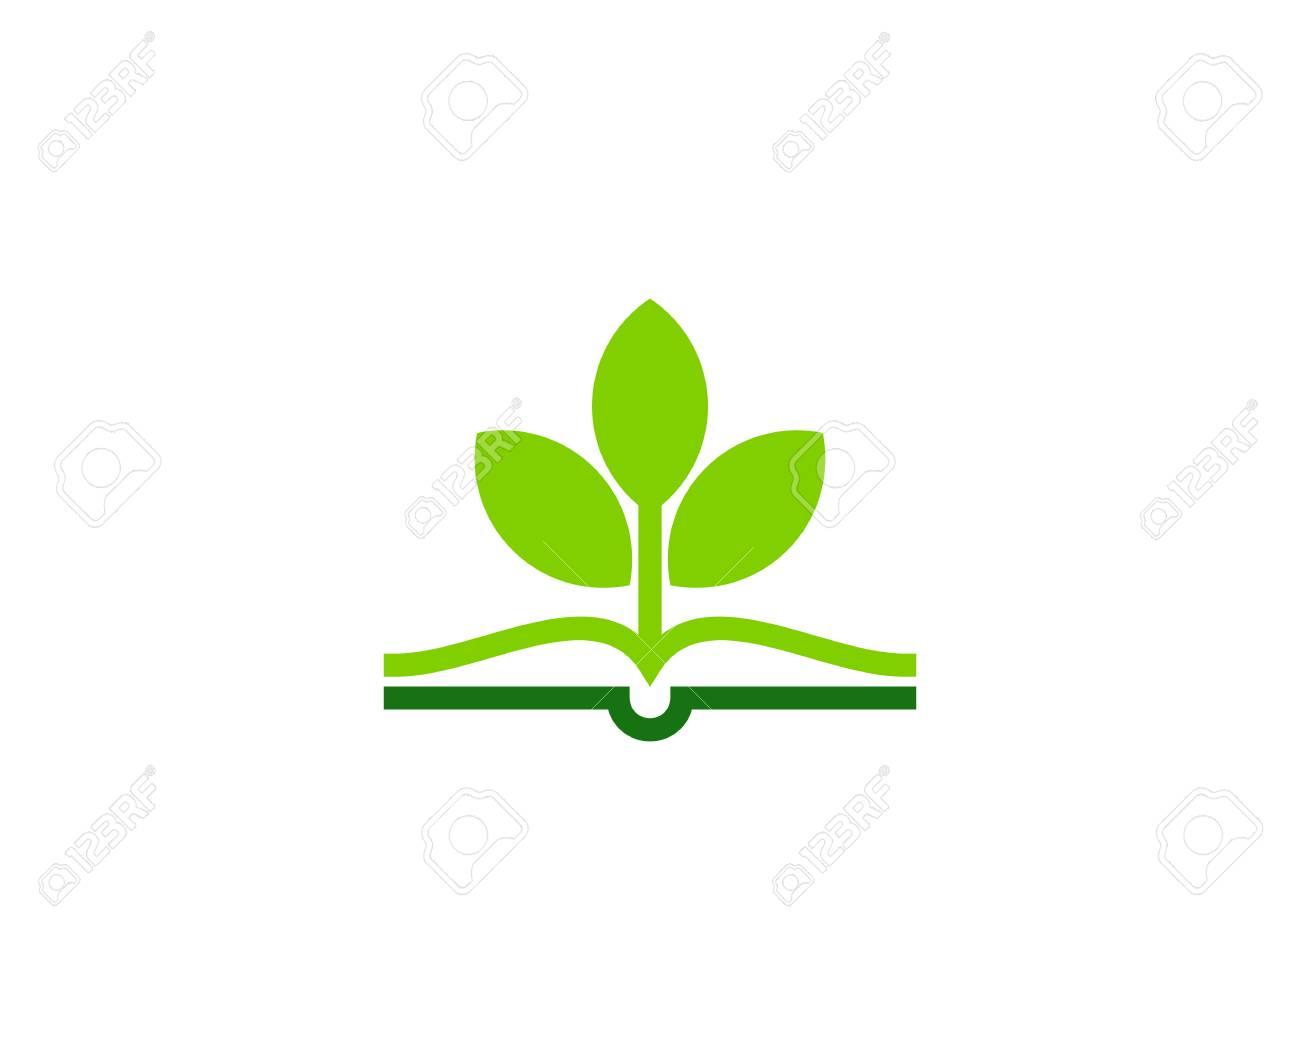 Plant Book Logo Icon Design - 100999187